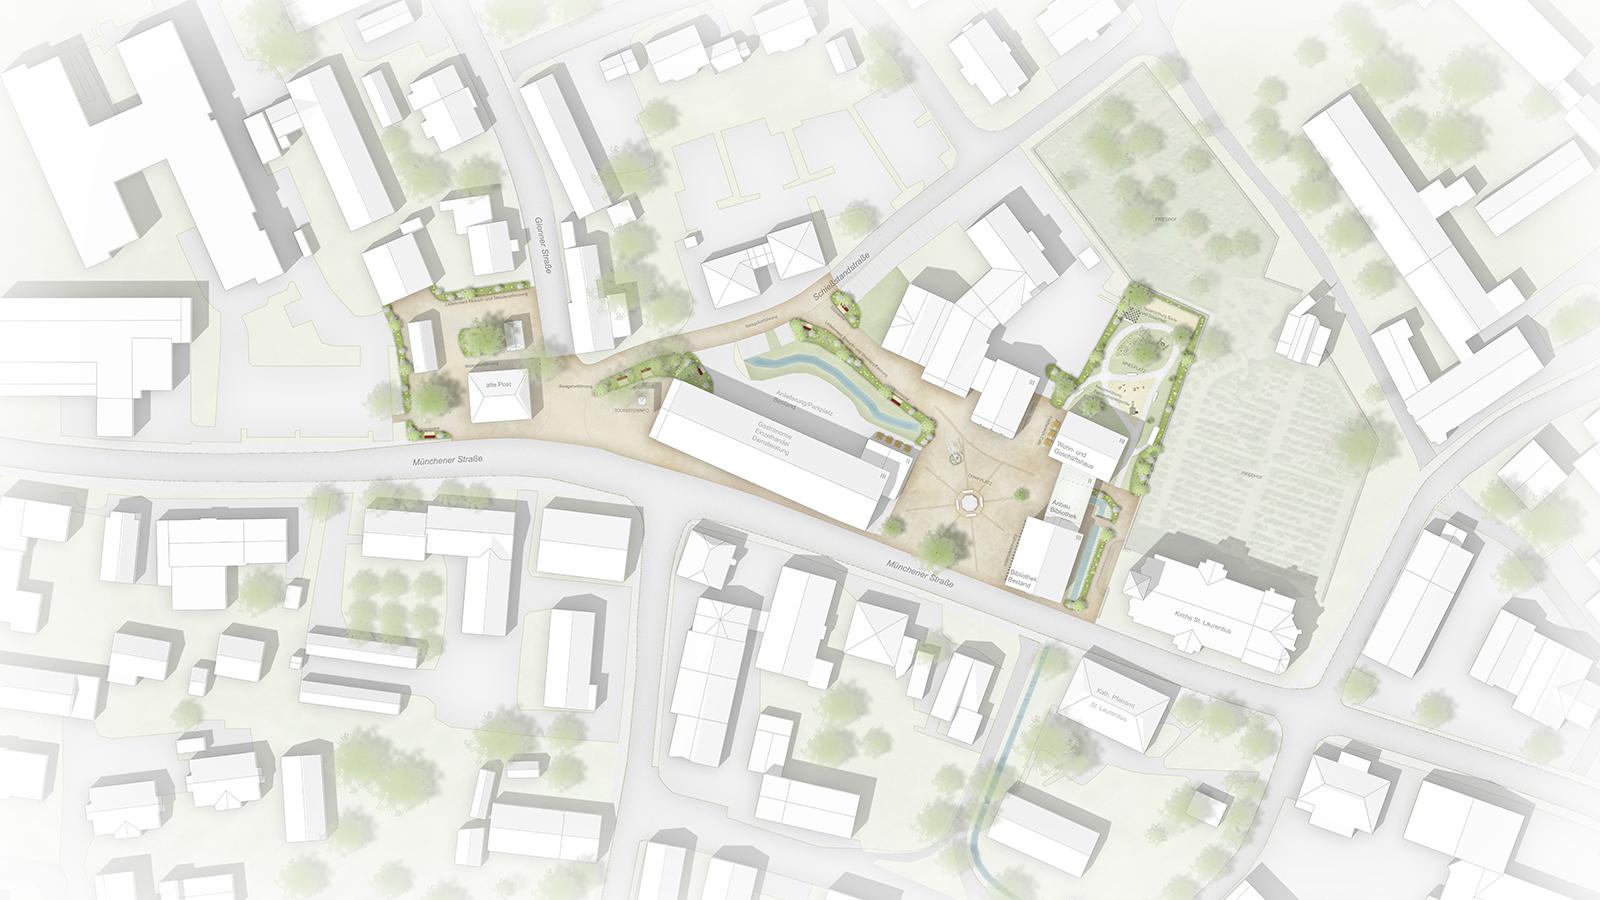 h2m-architekten-wb-feldkirchen-westerham-ortsmitte-lageplan-beschriftet